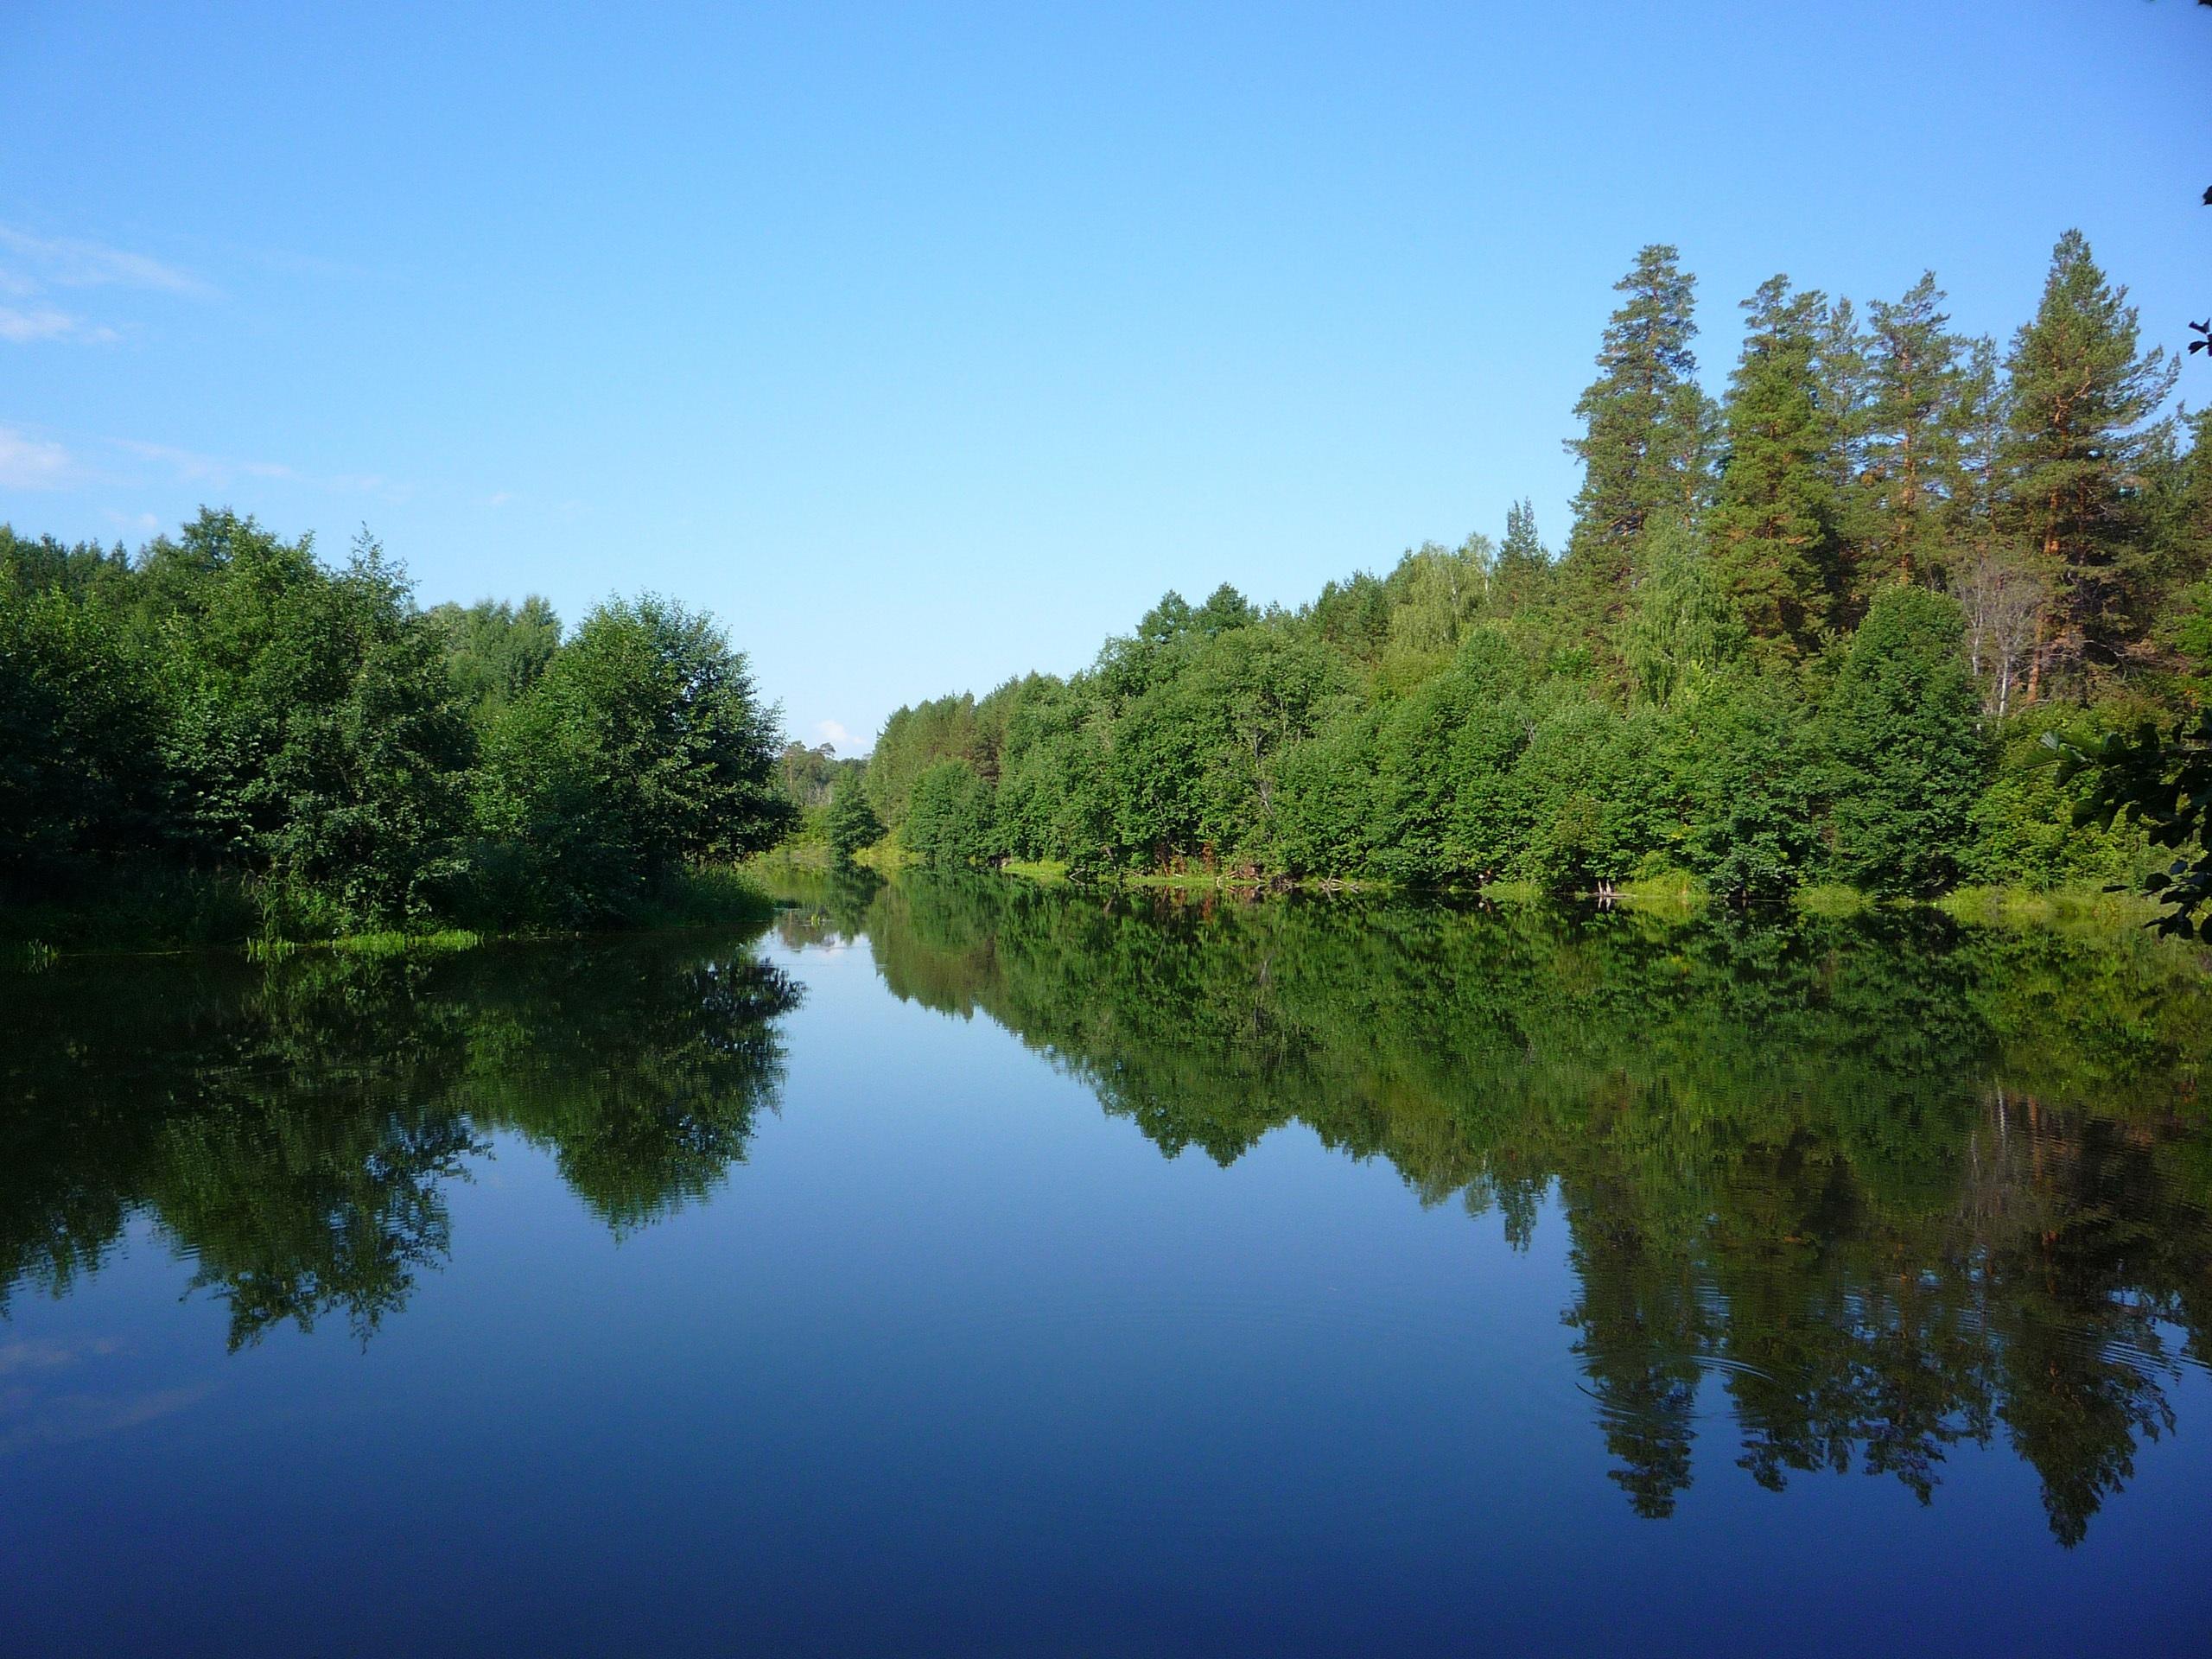 река лес  № 2789174 загрузить